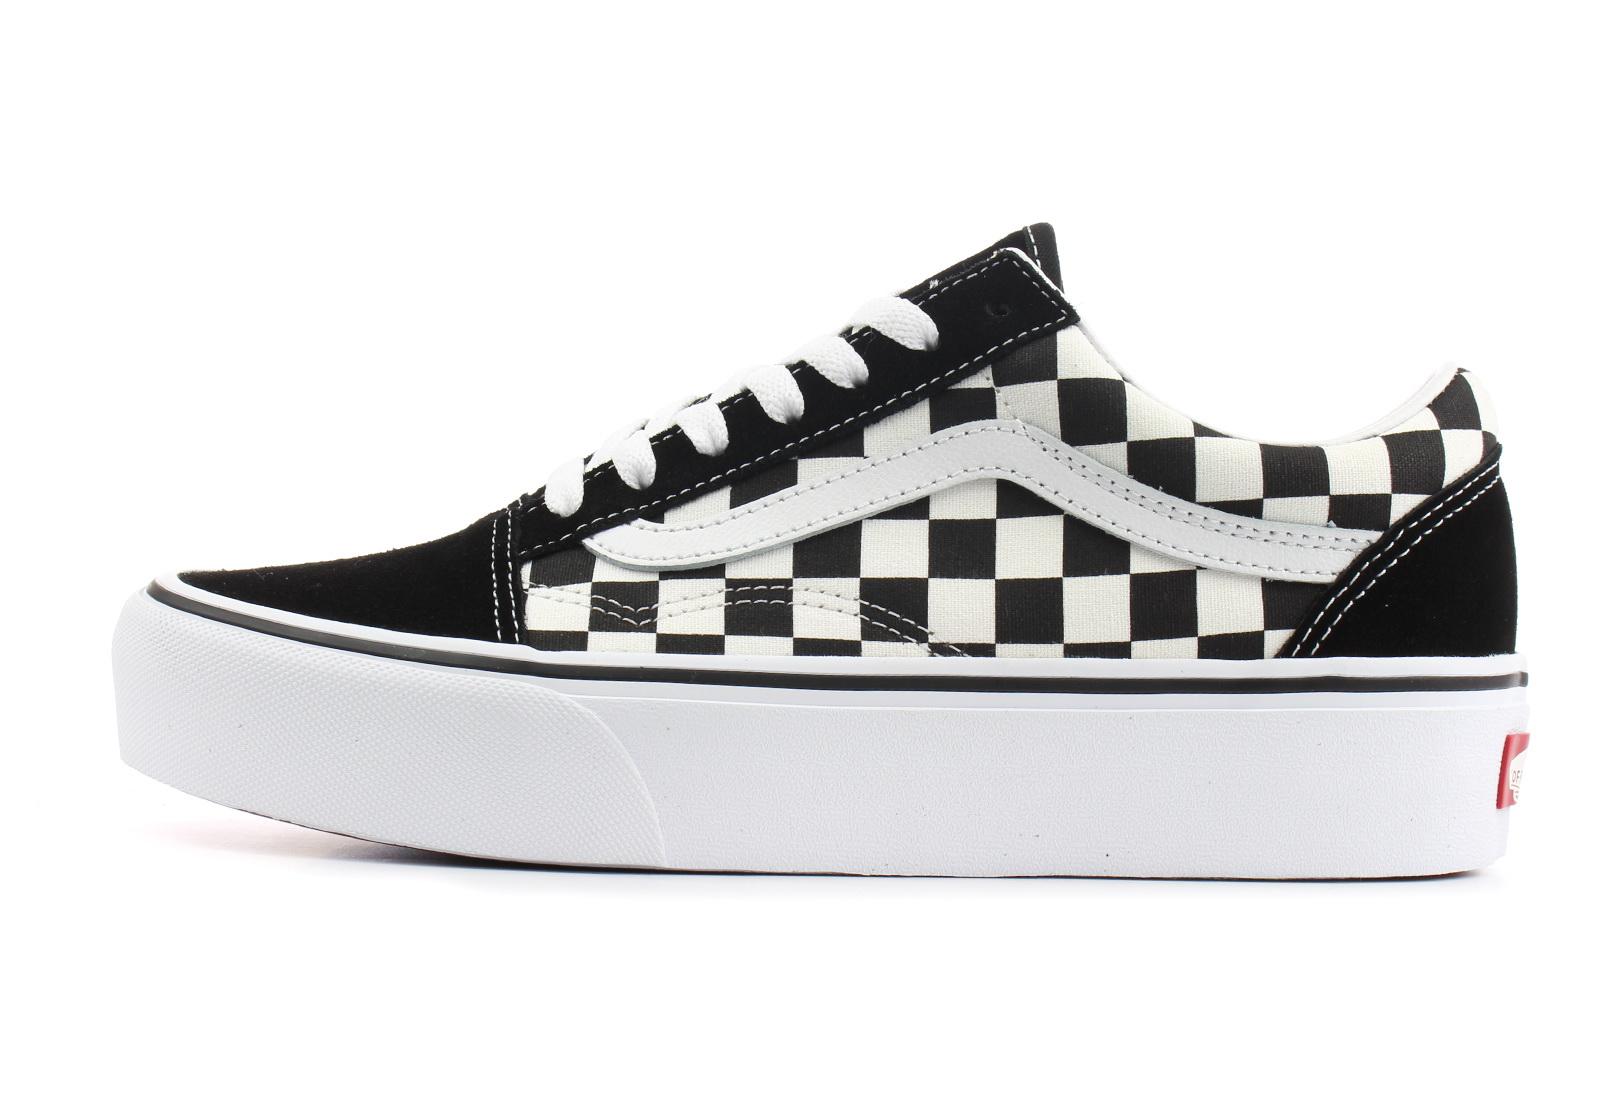 Buty damskie sneakersy Vans Old Skool Platform VA3B3UHRK